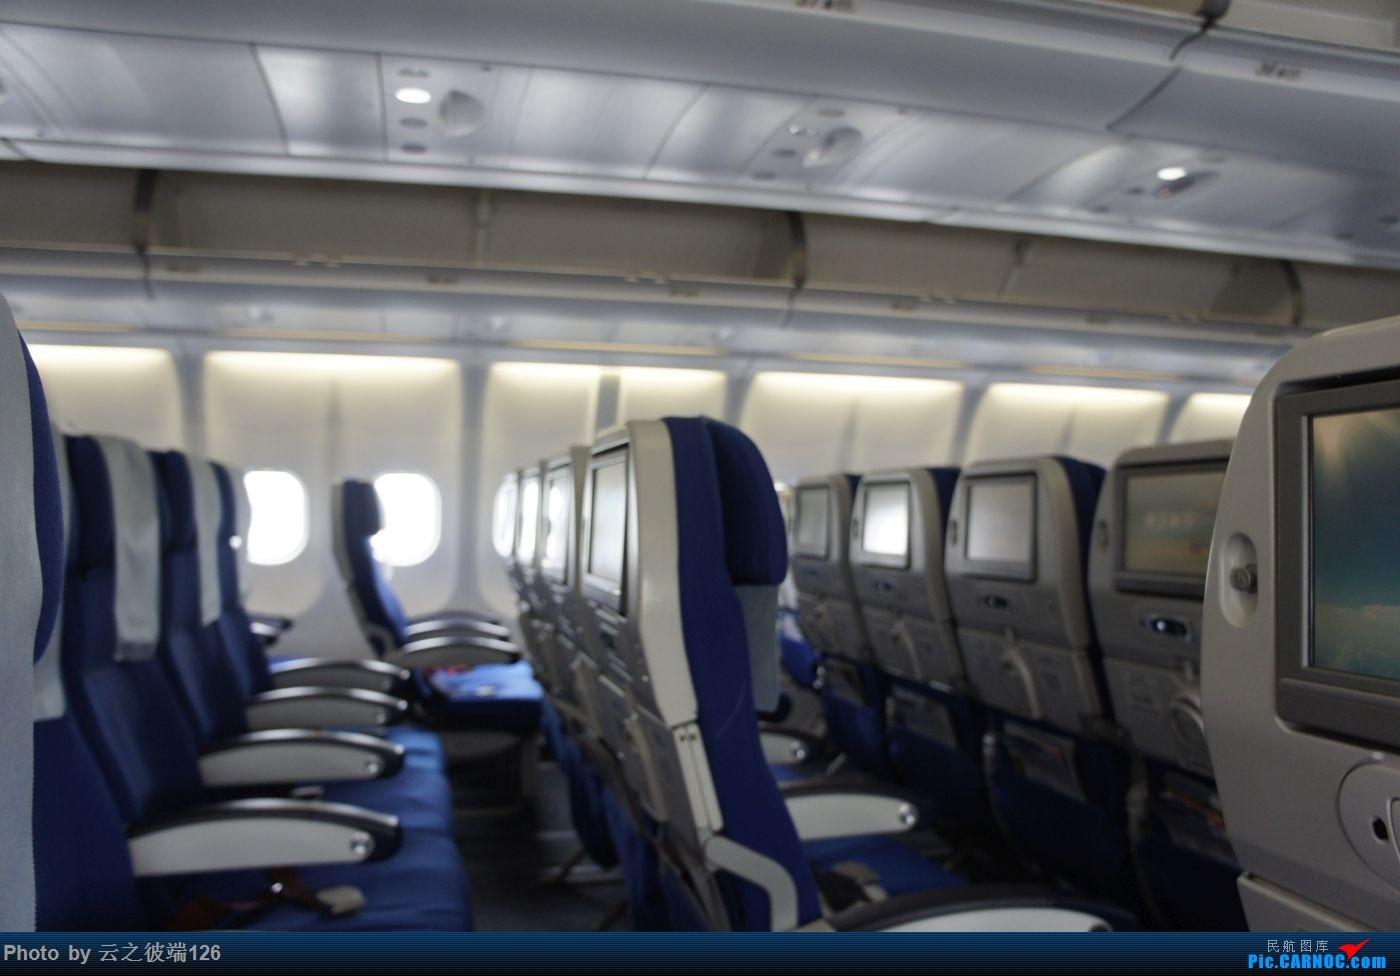 Re:[原创]KHN-CTU-JZH-CTU-NKG造访蜀地,体验世界里程最贵机票,多图 AIRBUS A330-200 B-5902